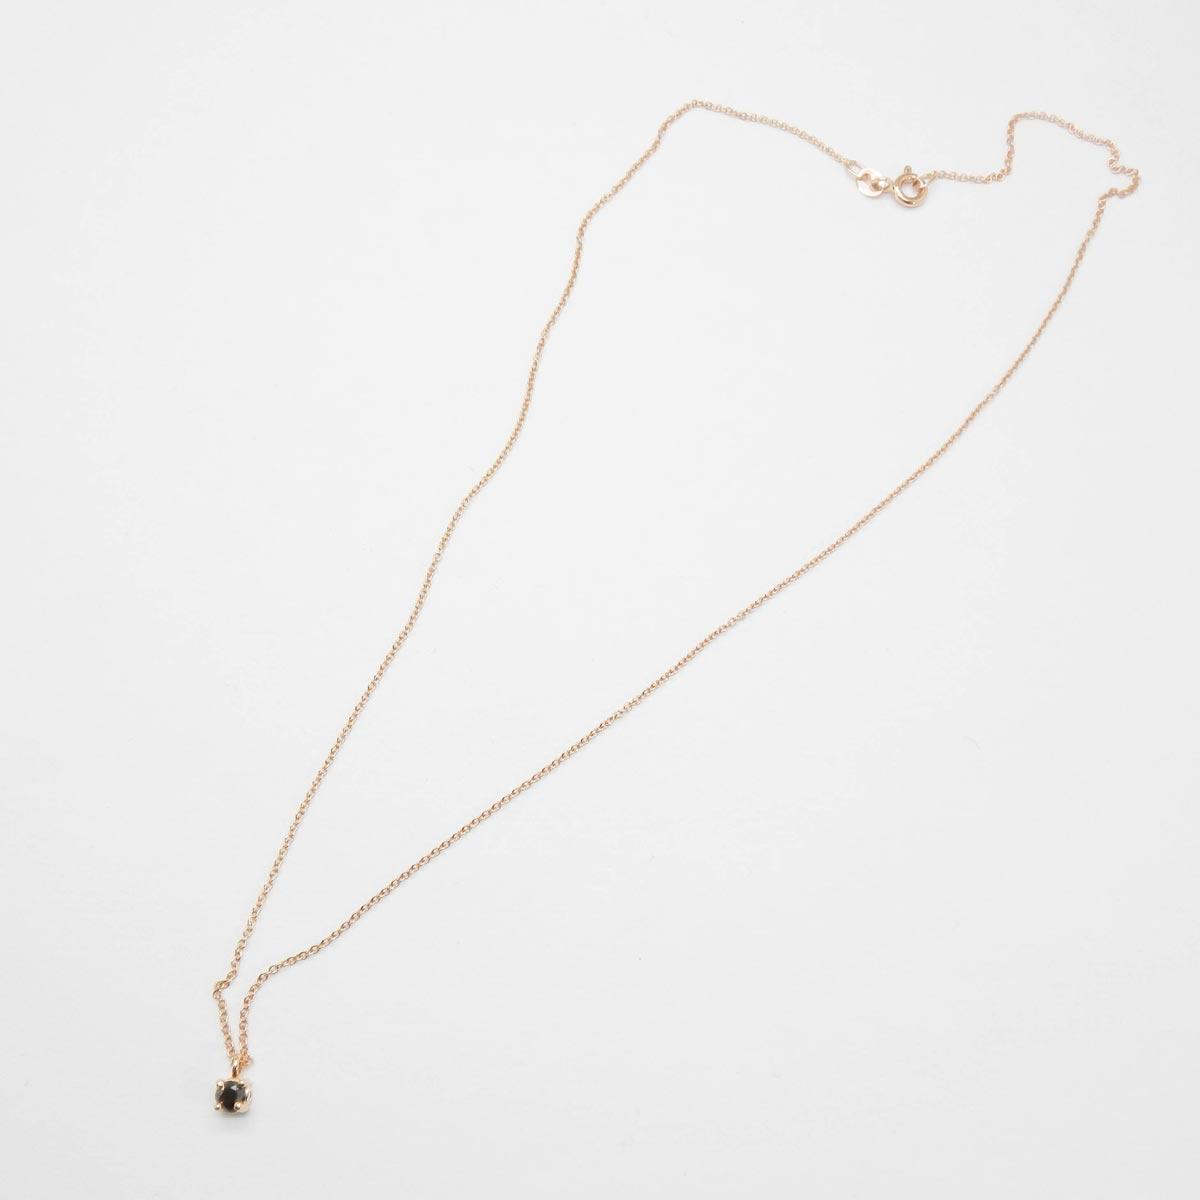 il-marchese-diamonds-diamanti-gioielli-artigianali-pendente-punto-luce-nero-oro-rosa-2